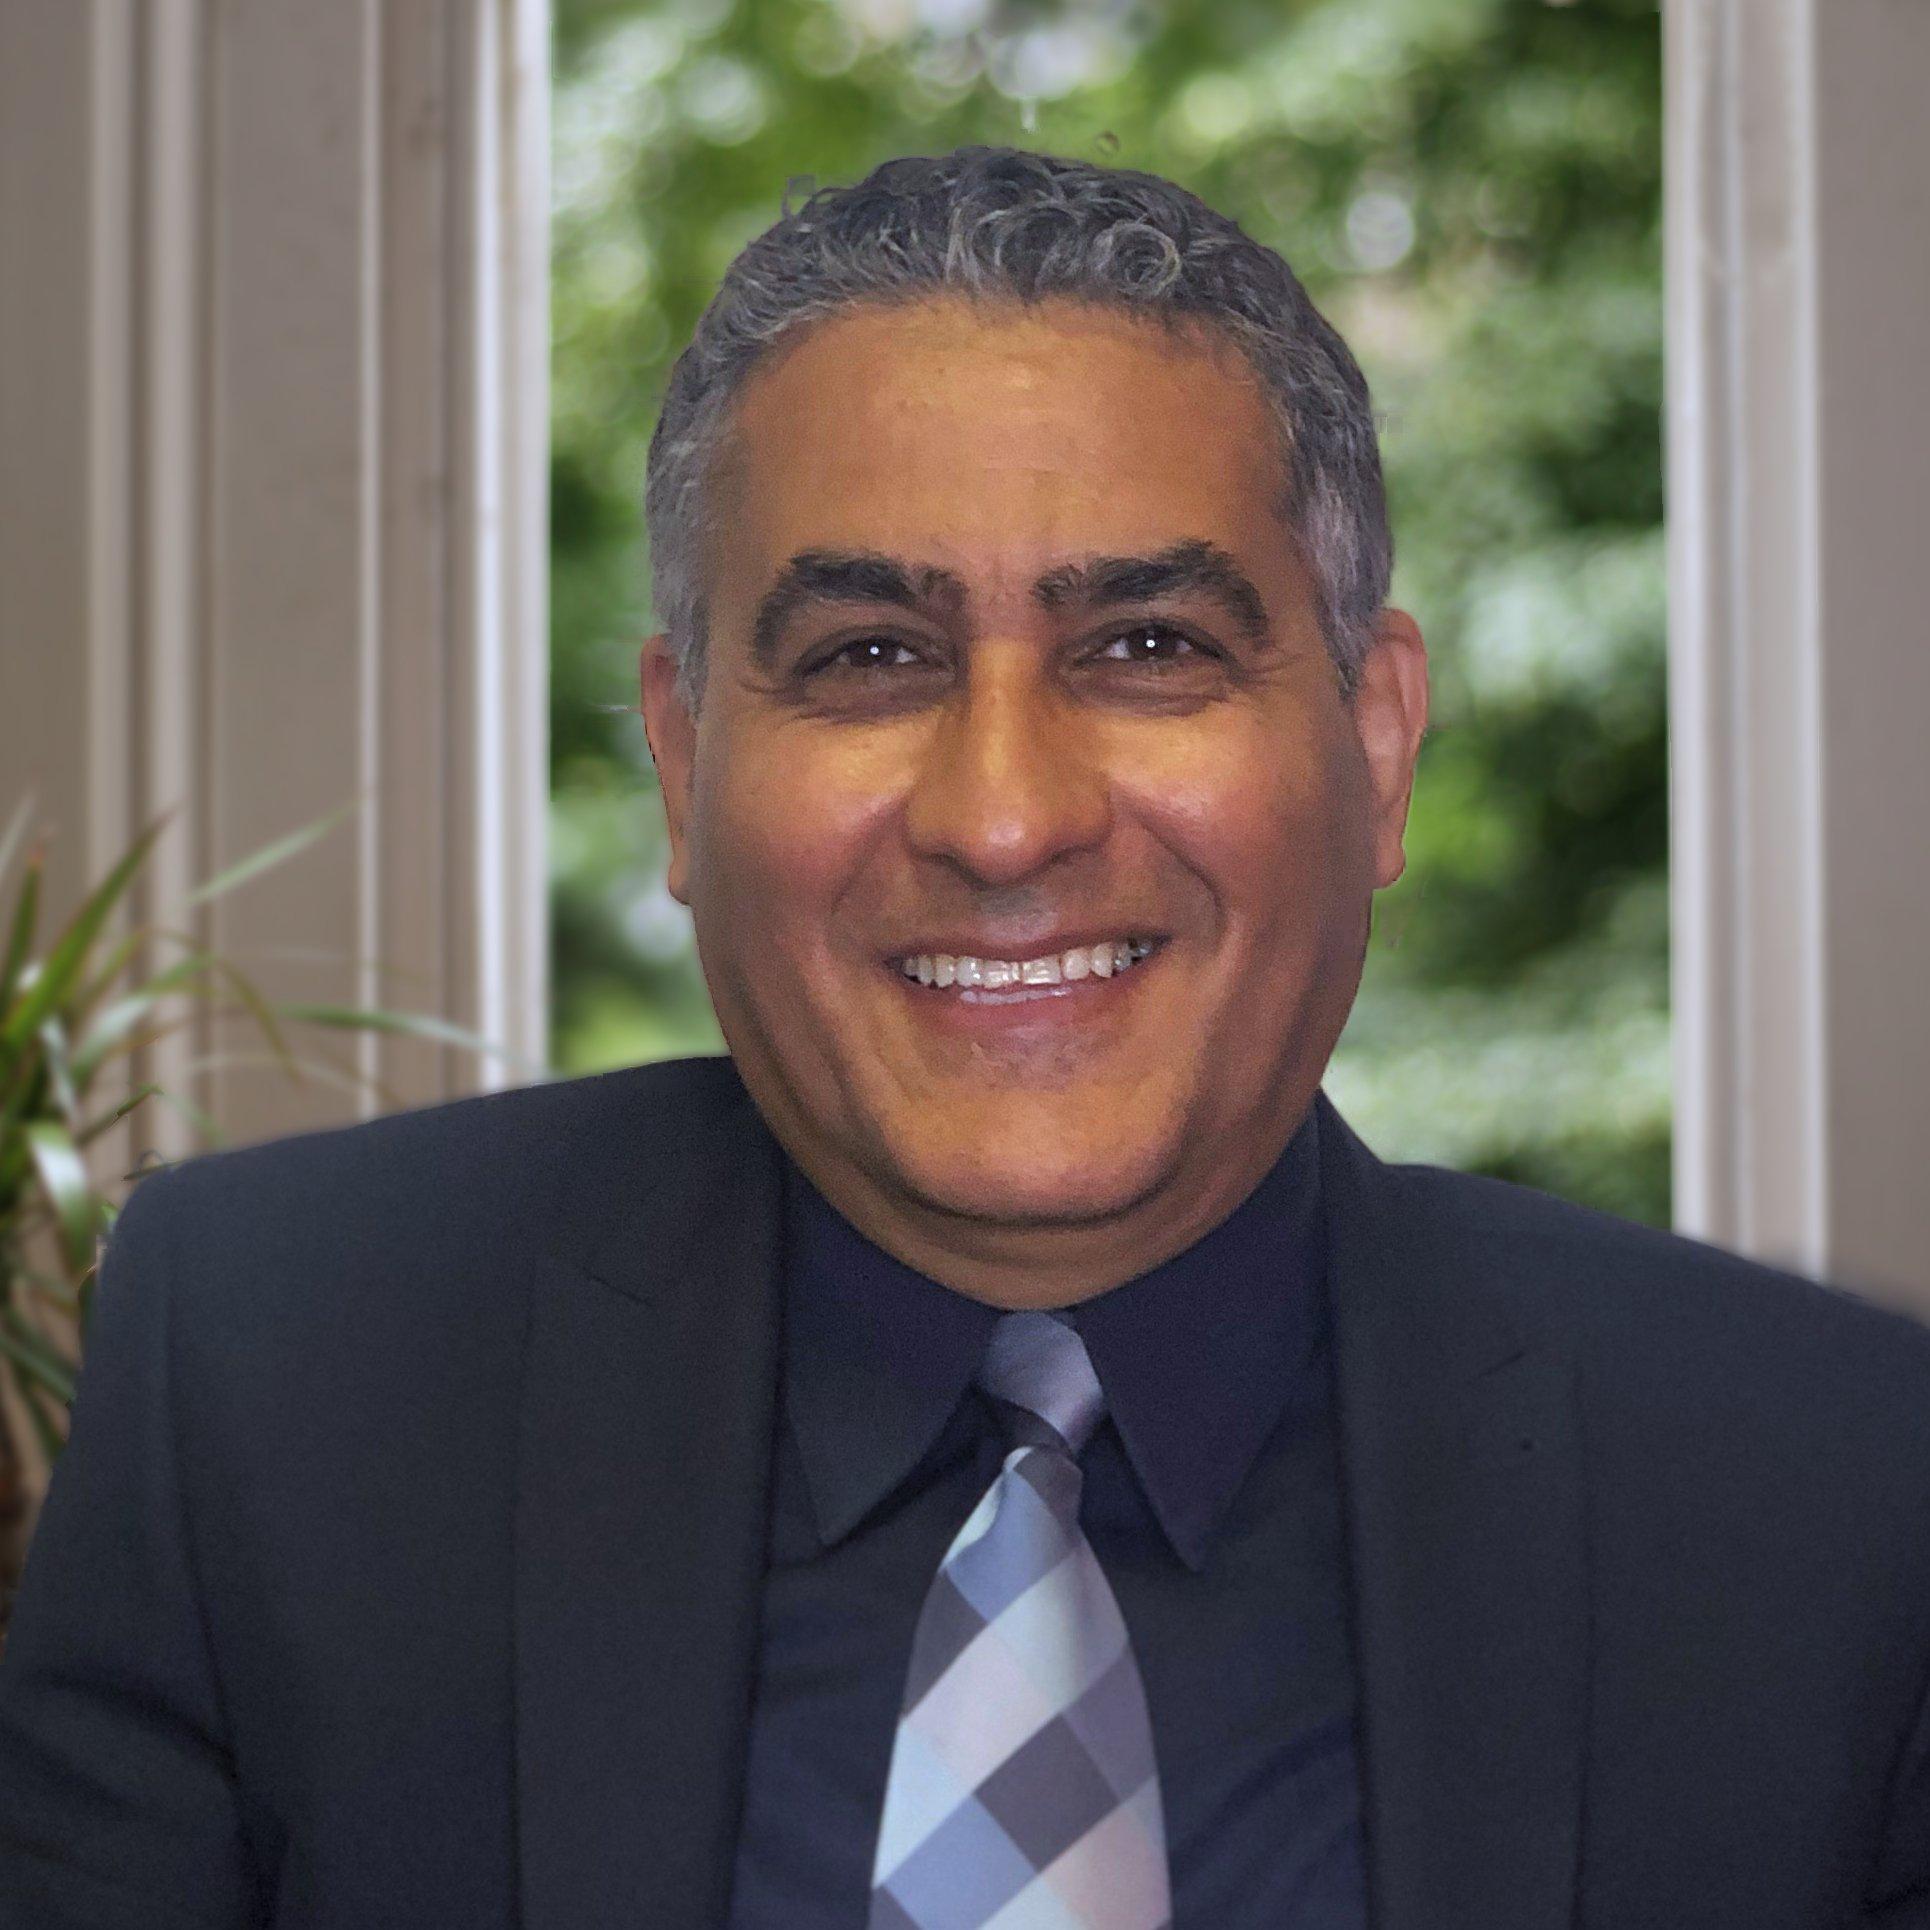 Amir Photo